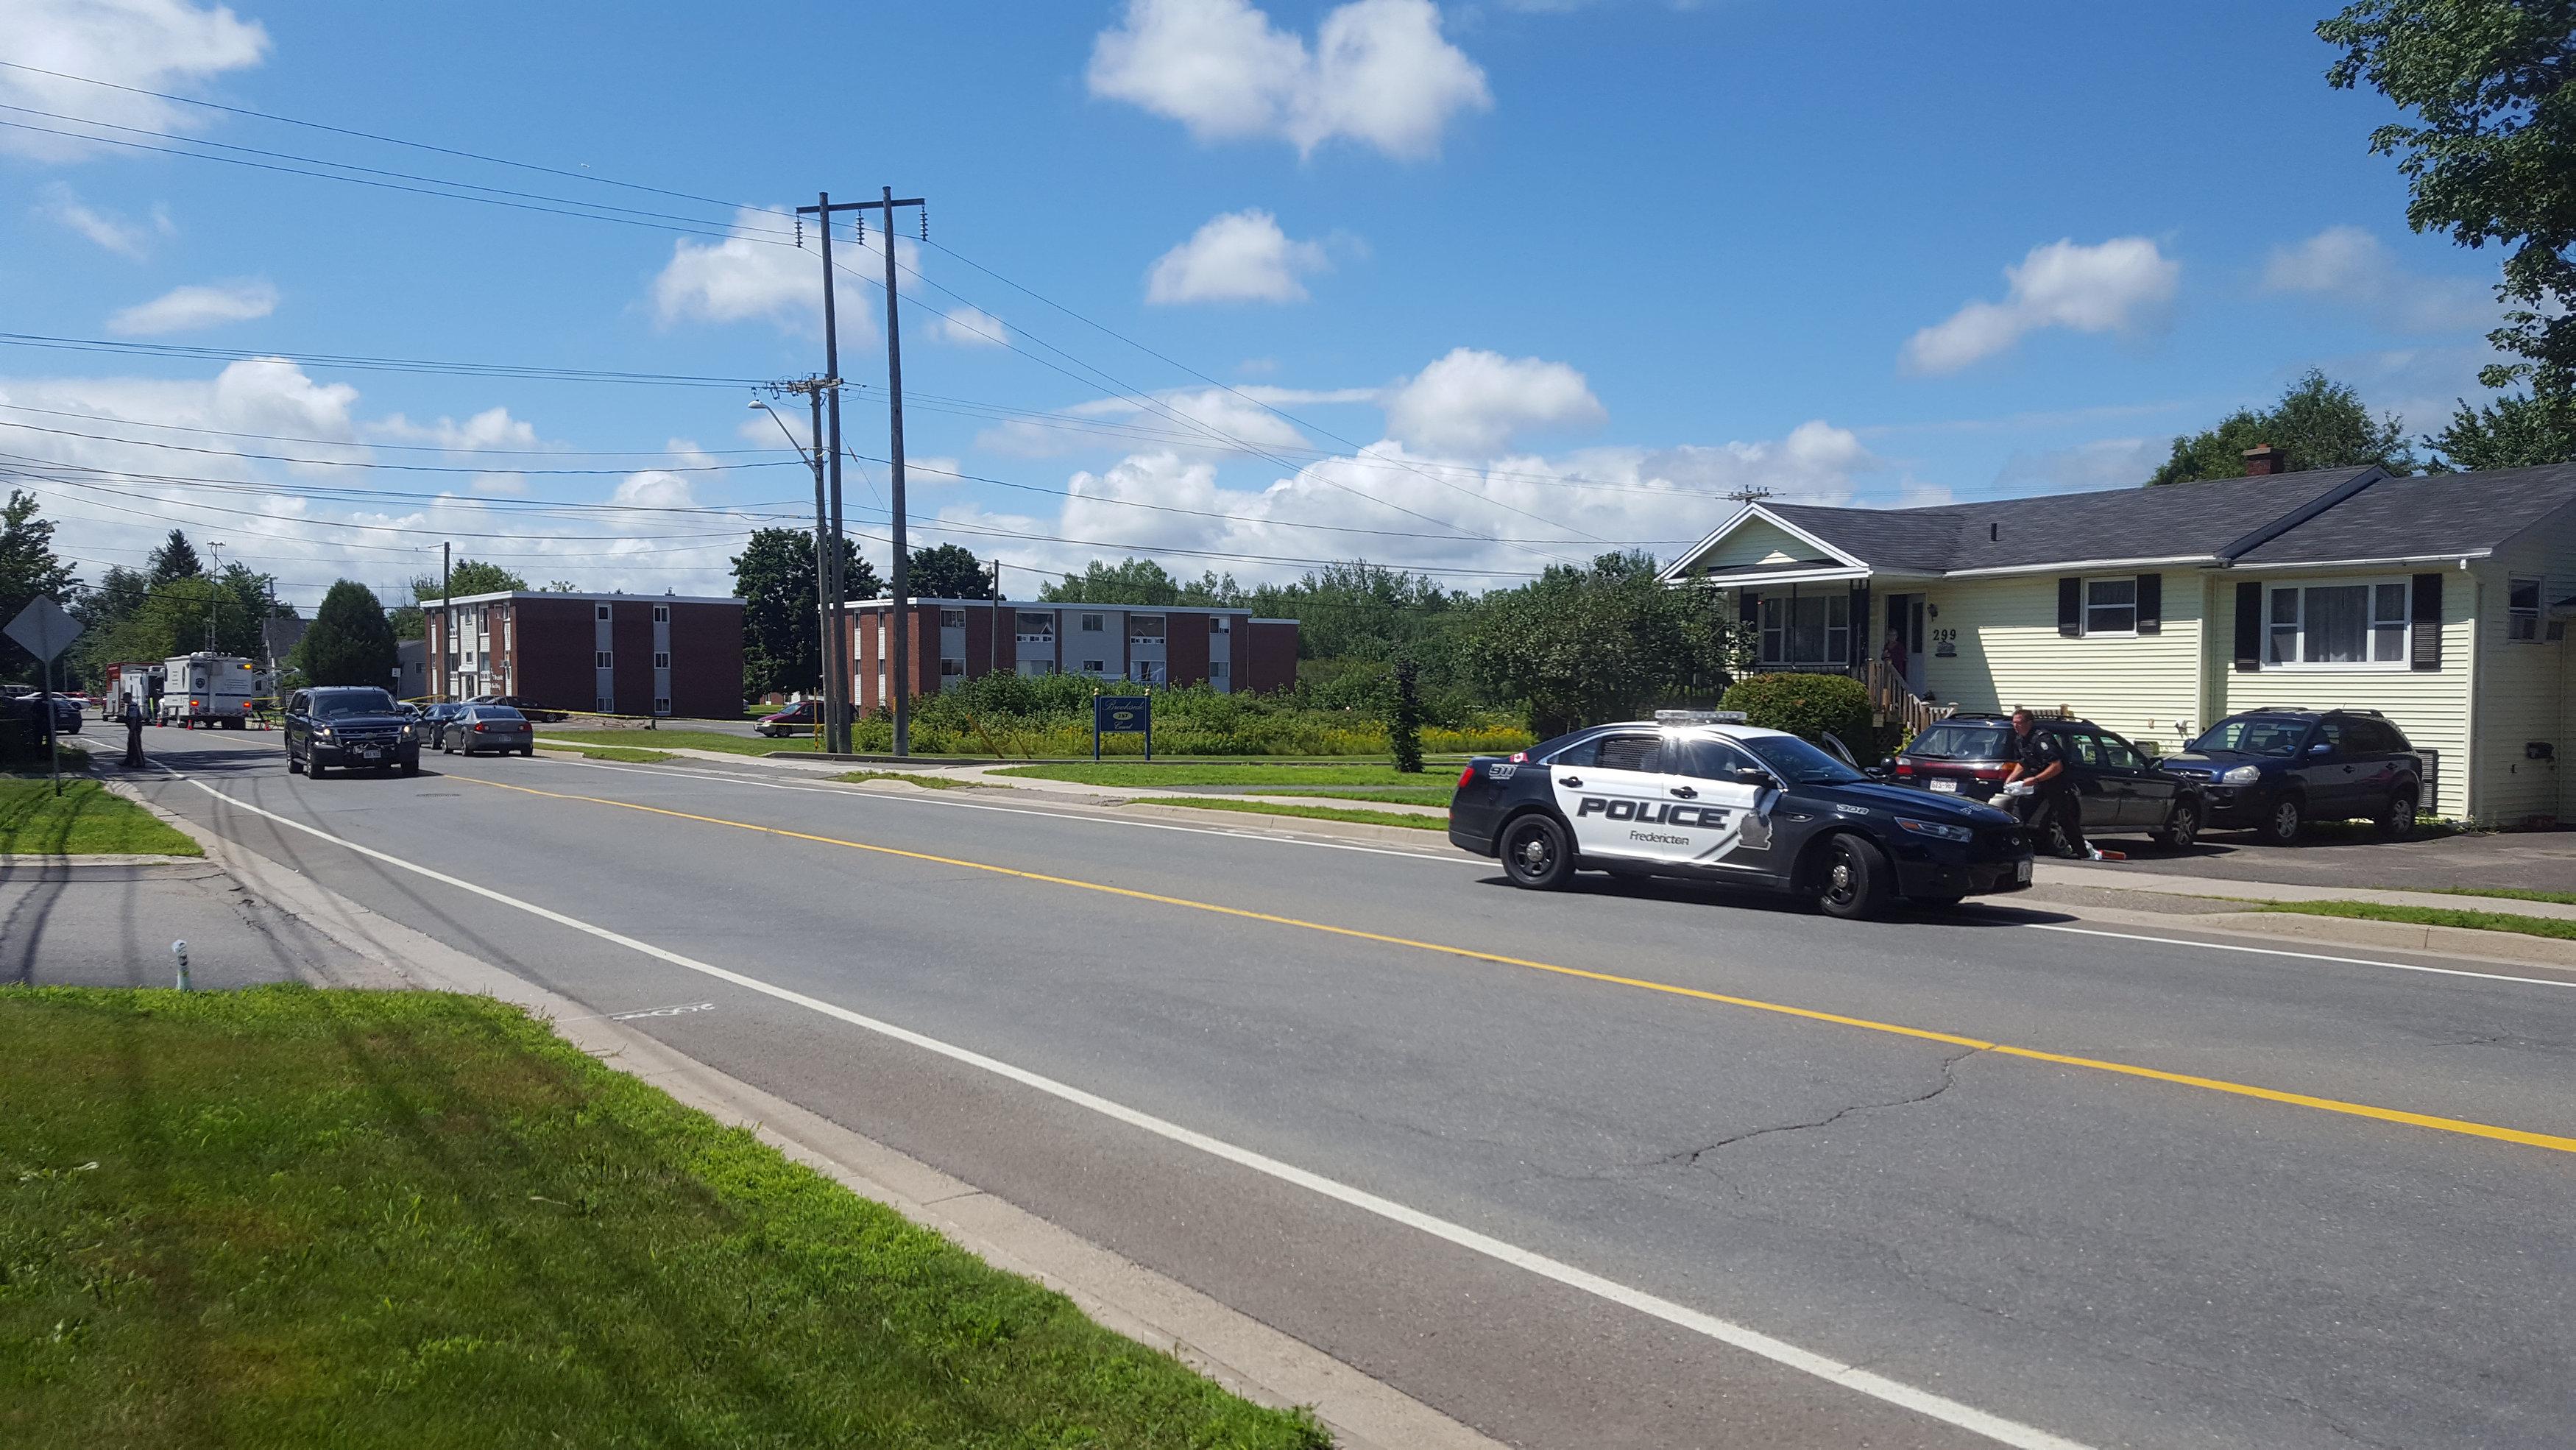 الشرطة الكندية تنهى حالة الغلق التى فرضتها على منطقة بمدينة فريدريكتون